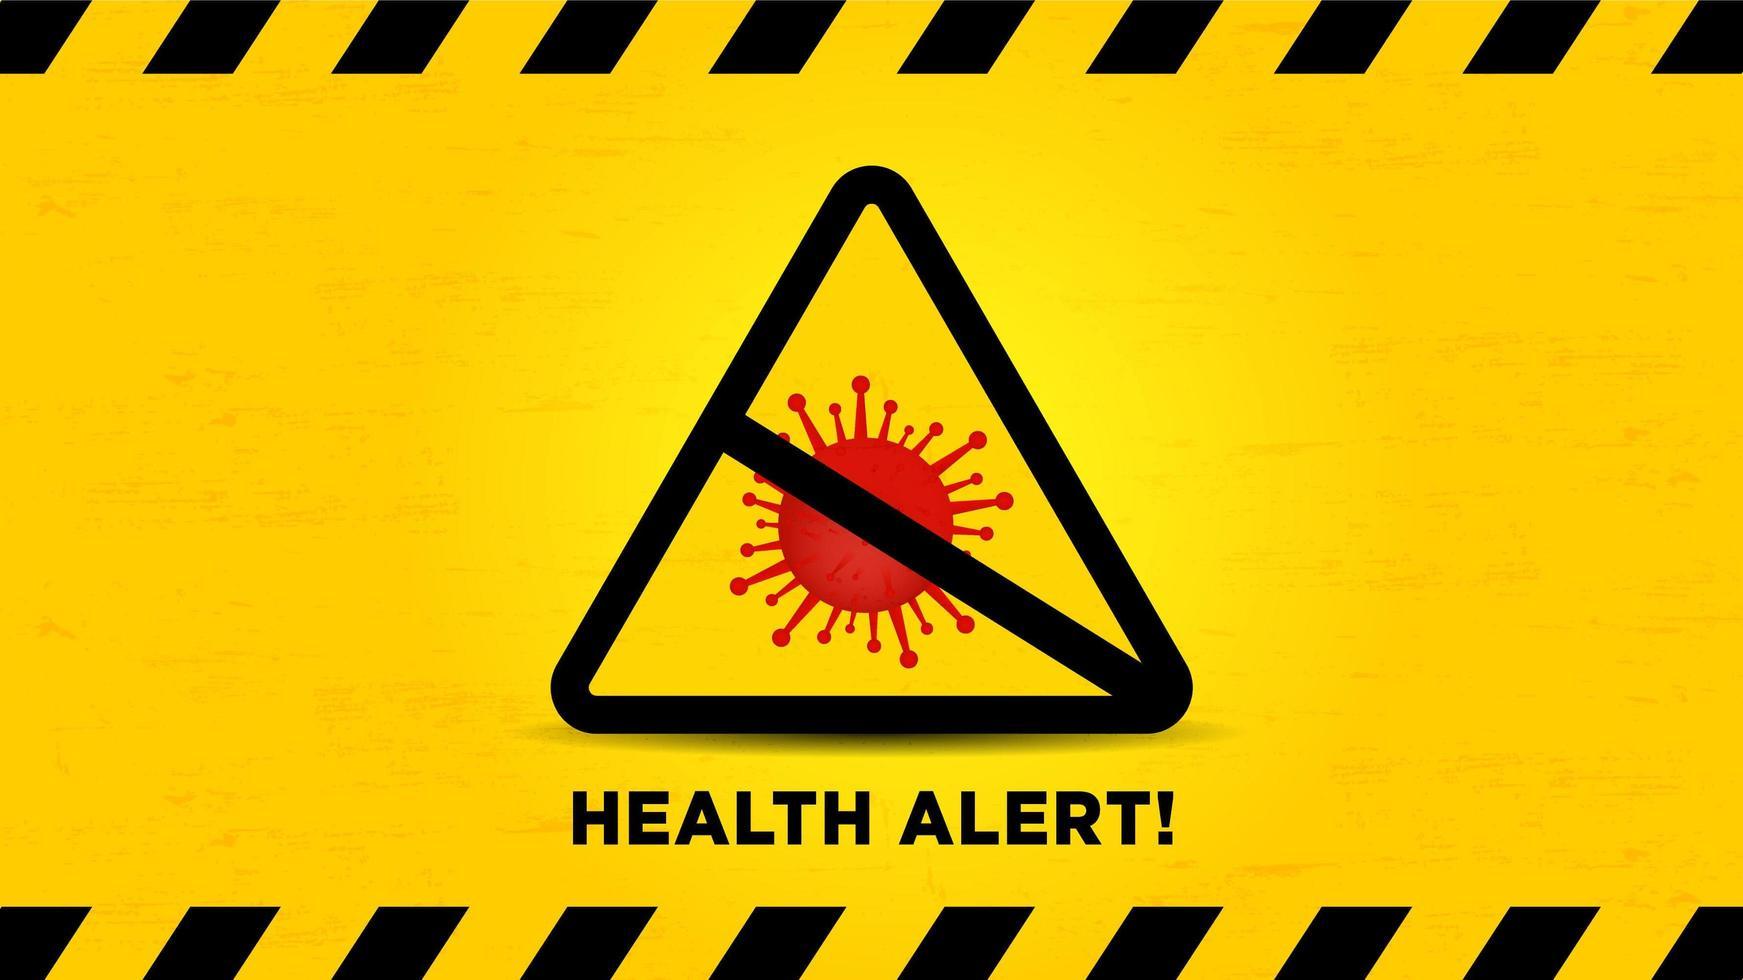 sinal de alerta de alerta de saúde com células vermelhas do vírus vetor